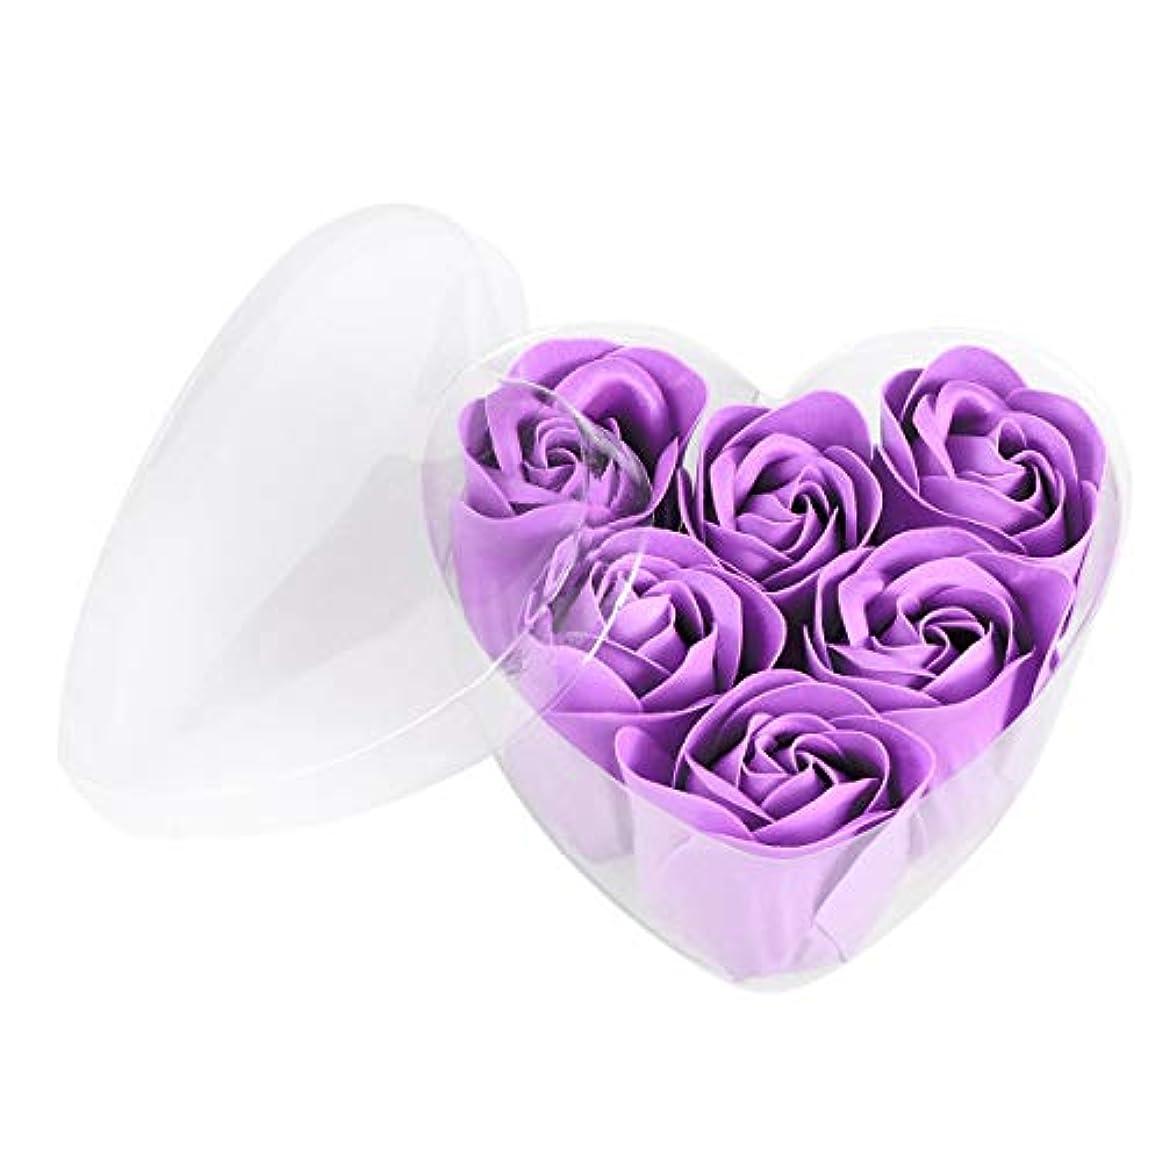 作業重力迫害Beaupretty 6本シミュレーションローズソープハート型フラワーソープギフトボックス結婚式の誕生日Valentin's Day(紫)